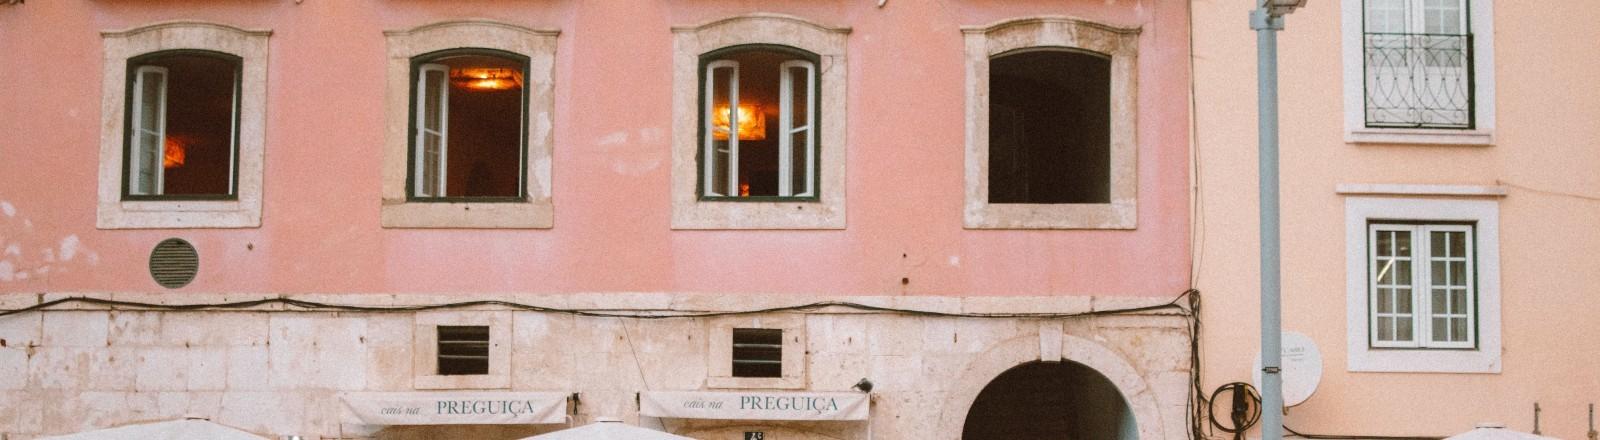 Eine Häuserfront in Lissabon